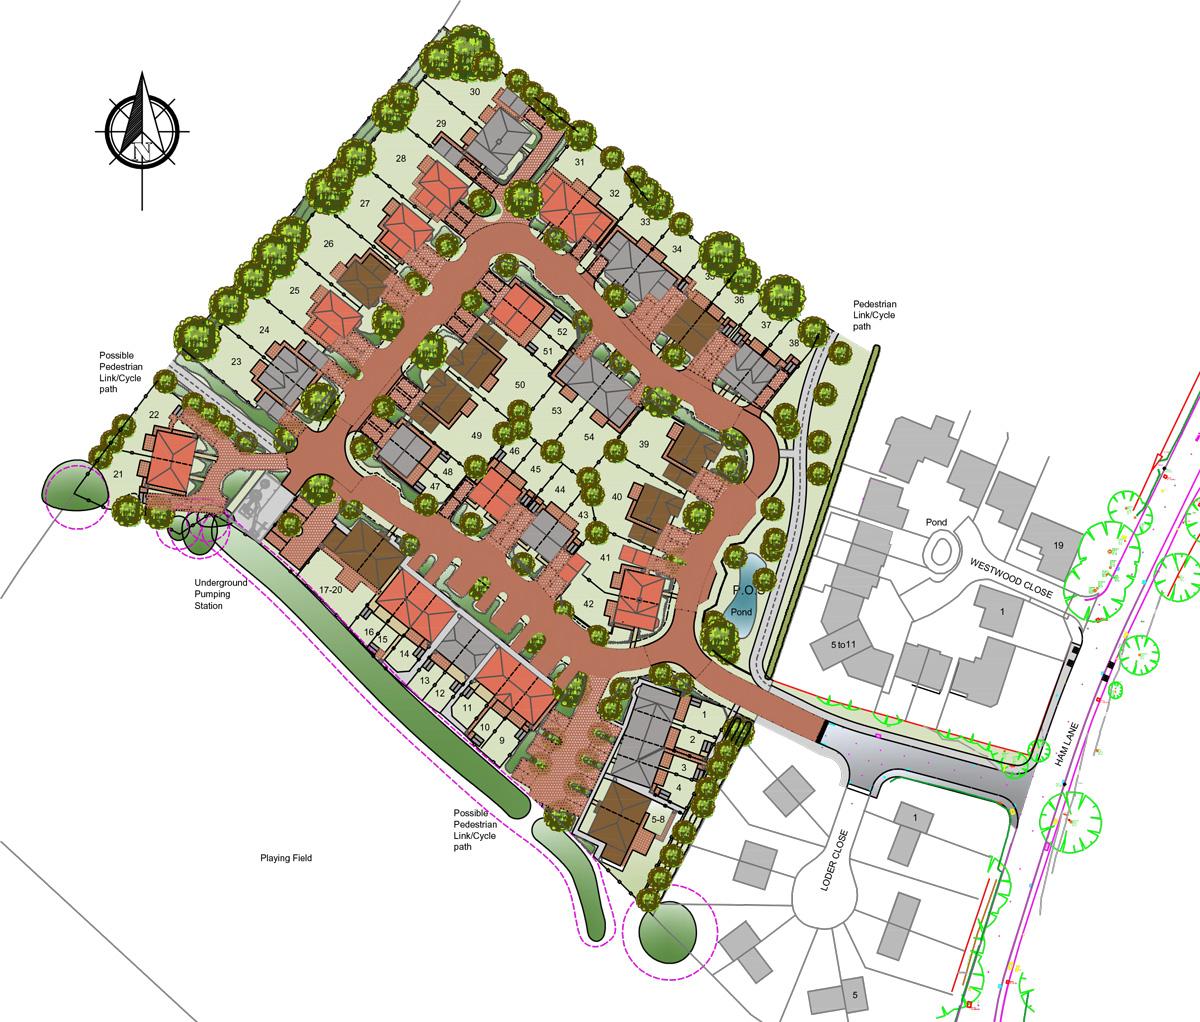 Siteplan - Lenham, Kent